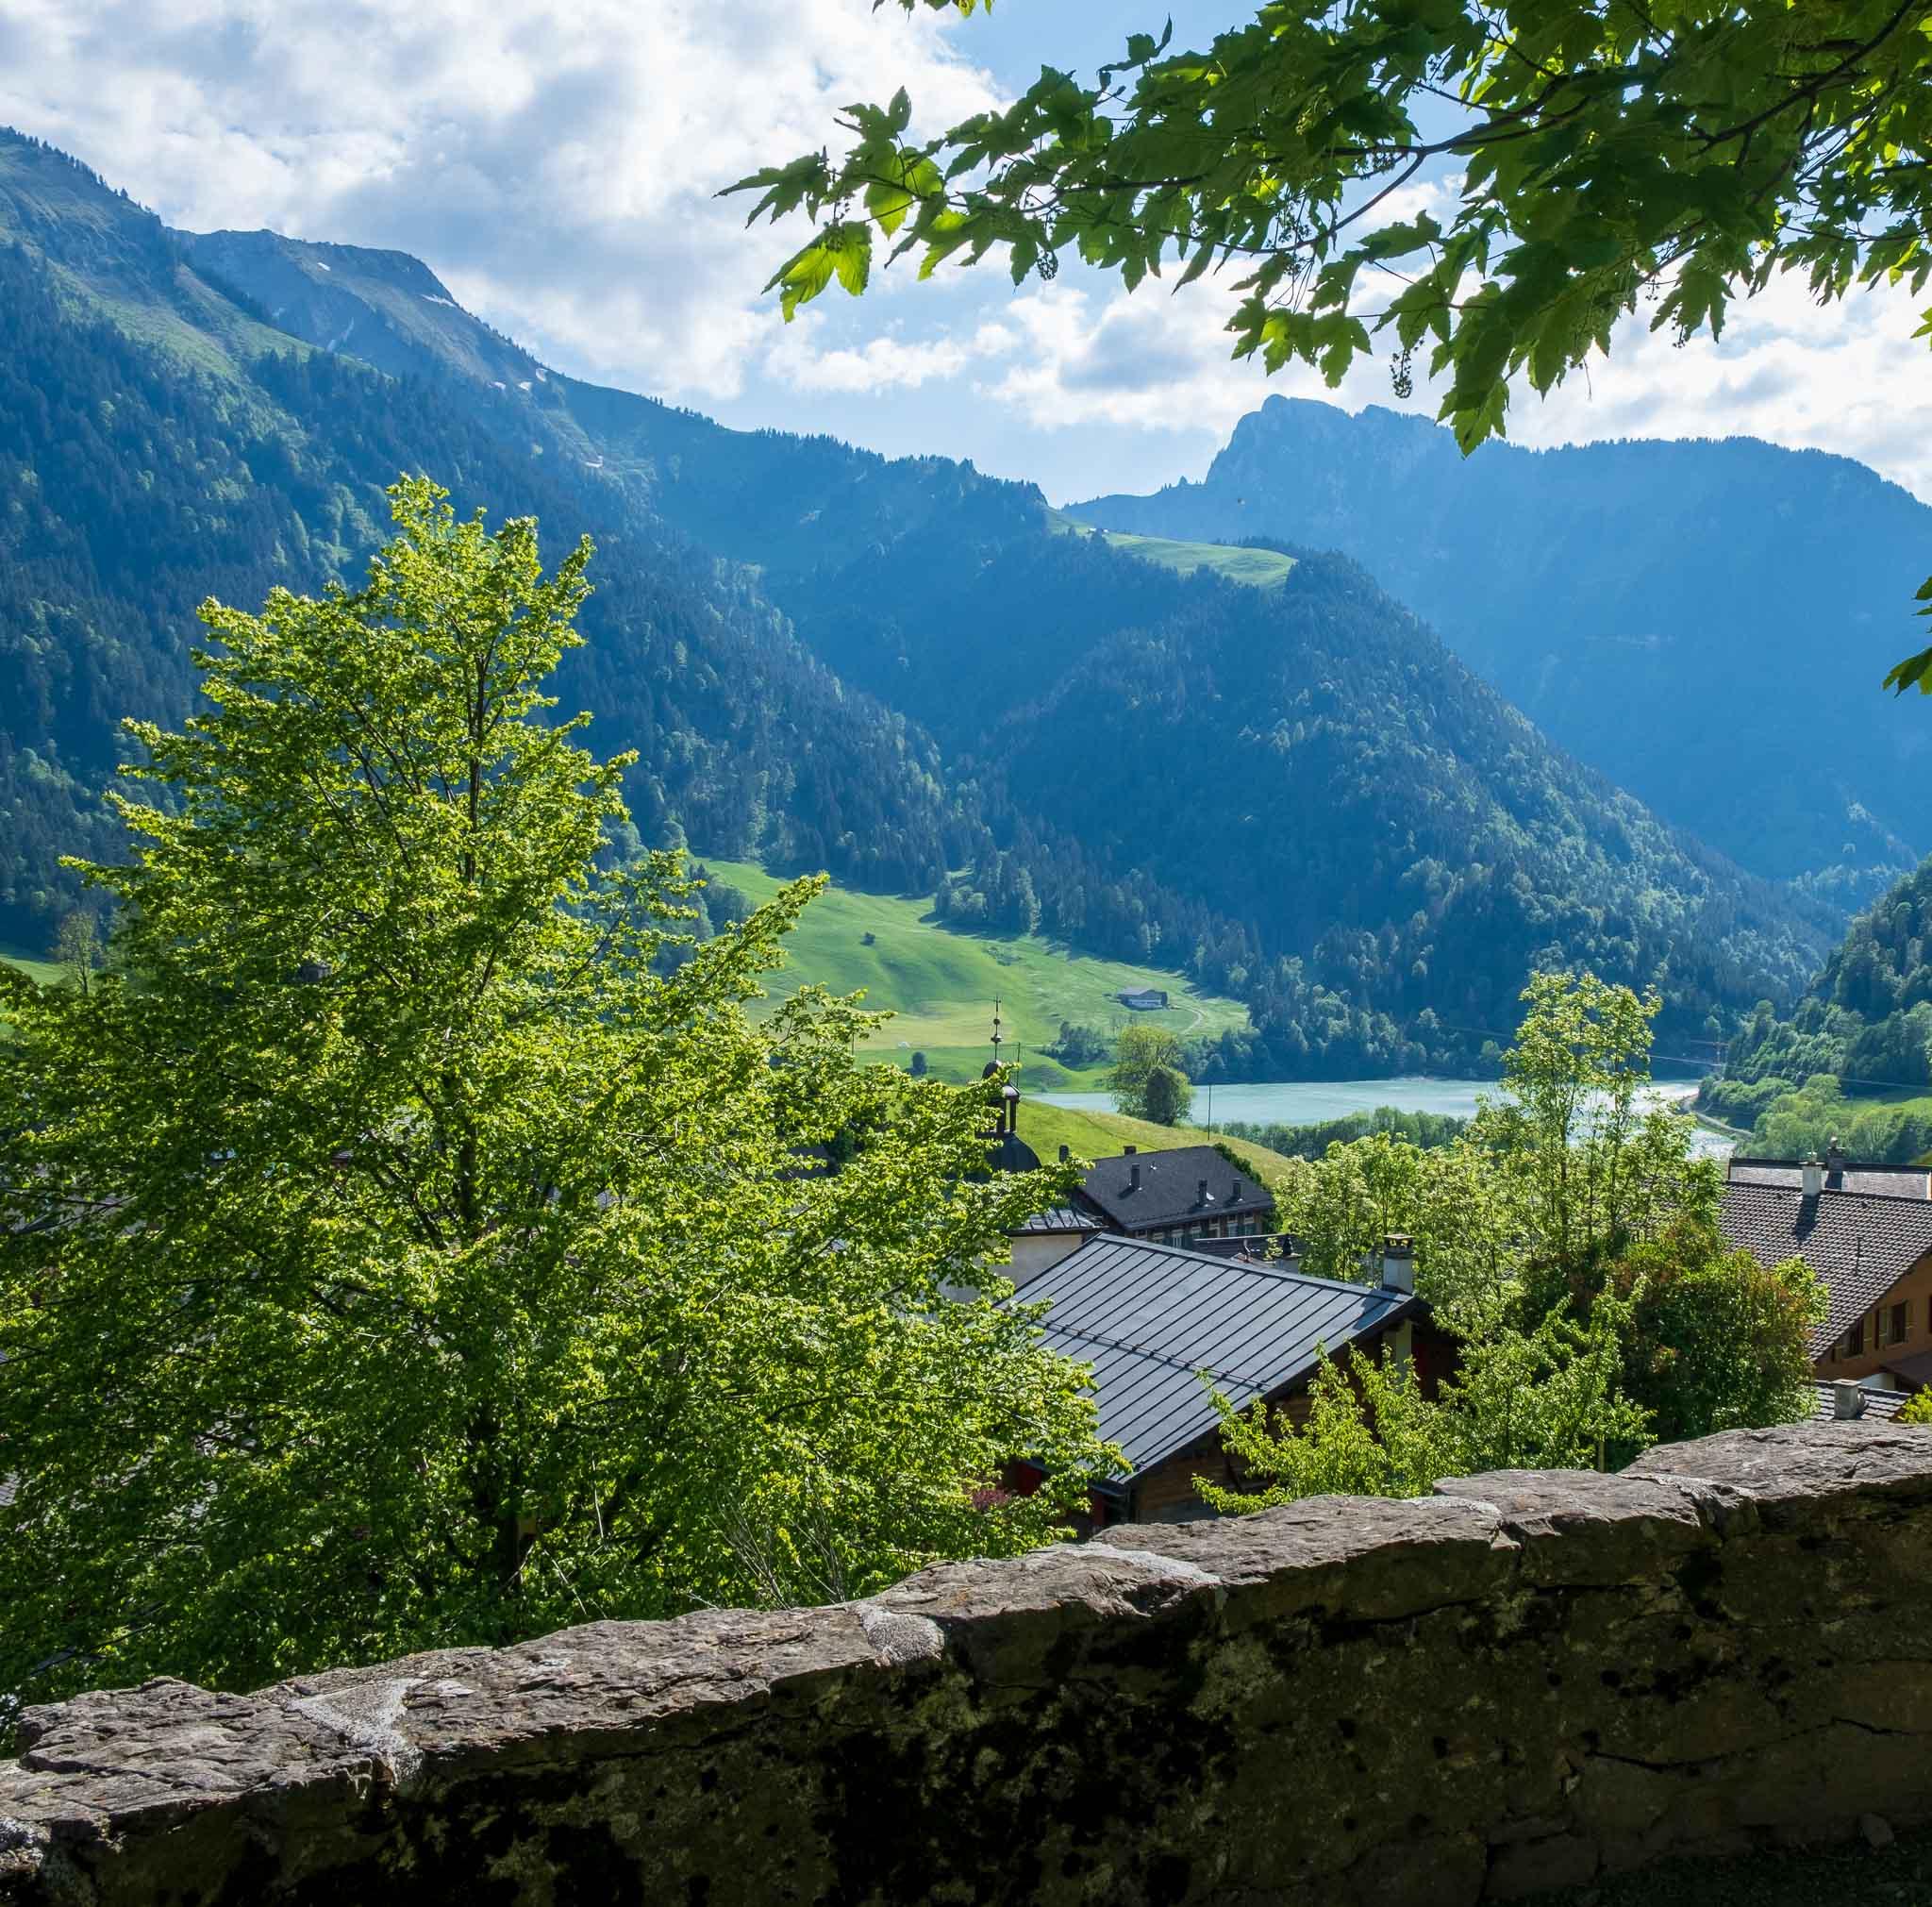 Oak Tree on Rossinière audio tour Cowbells, Chalets and Balthus: A Swiss Alpine Village Excursion